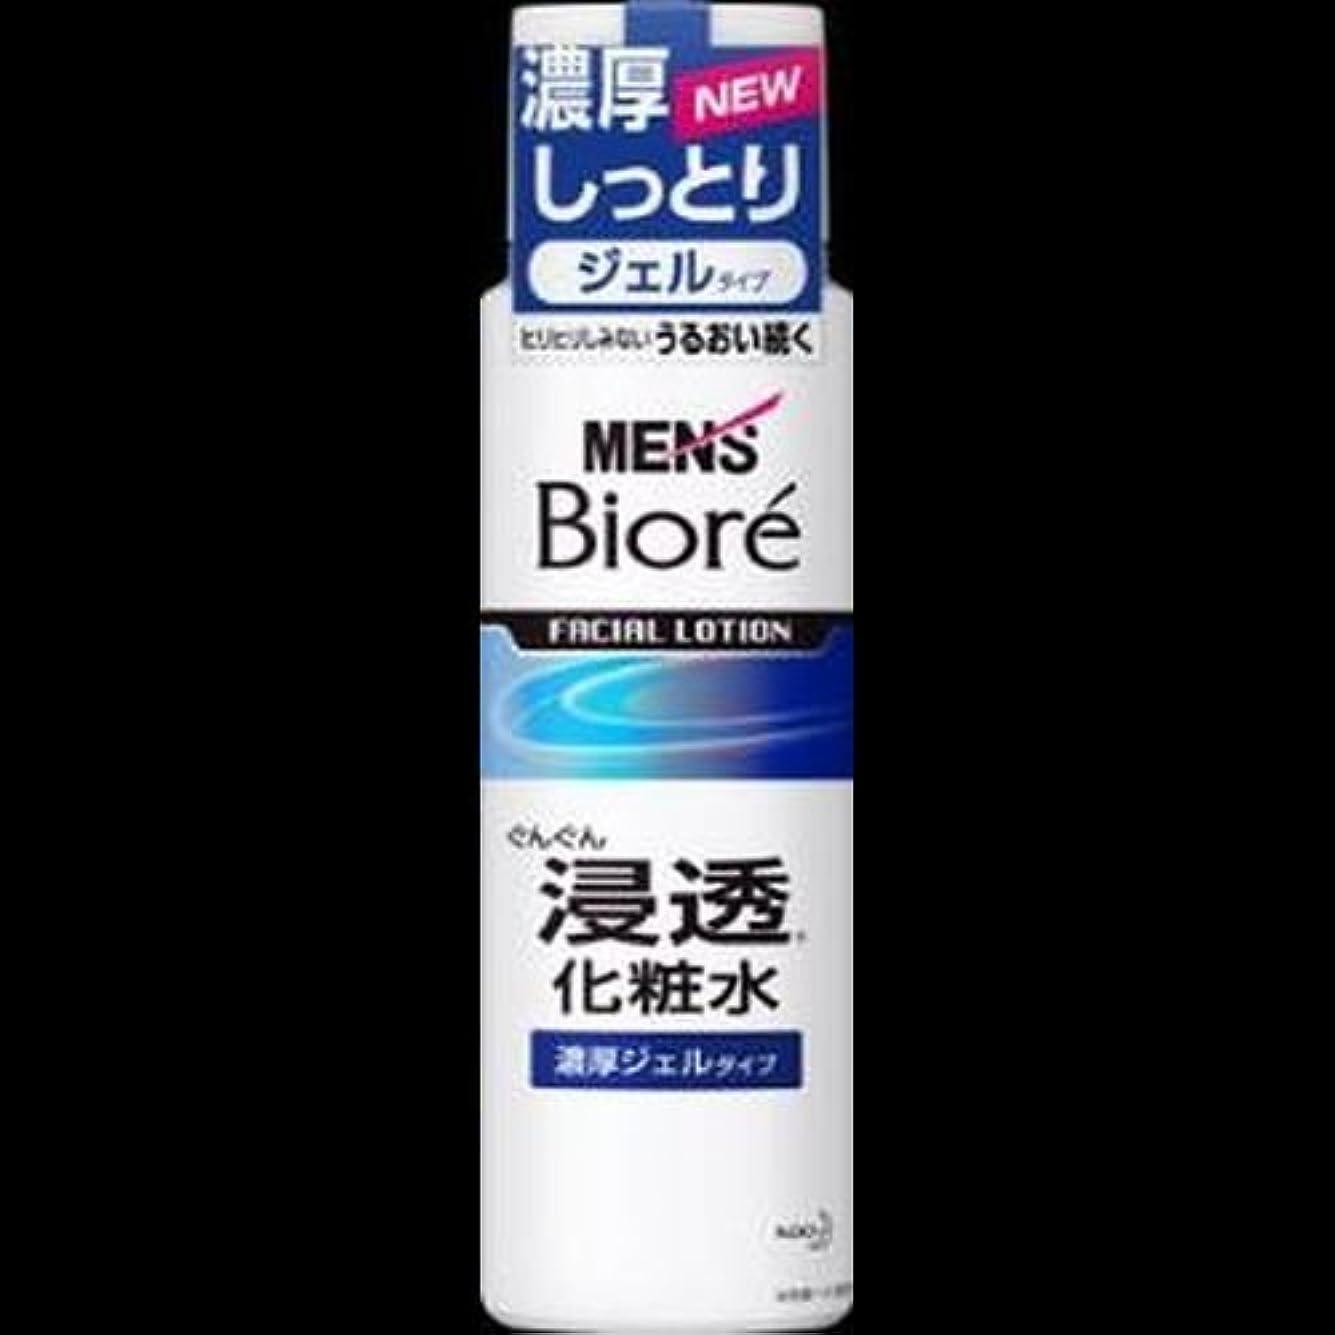 シダ原因分配します【まとめ買い】メンズビオレ 浸透化粧水 濃厚ジェルタイプ ×2セット